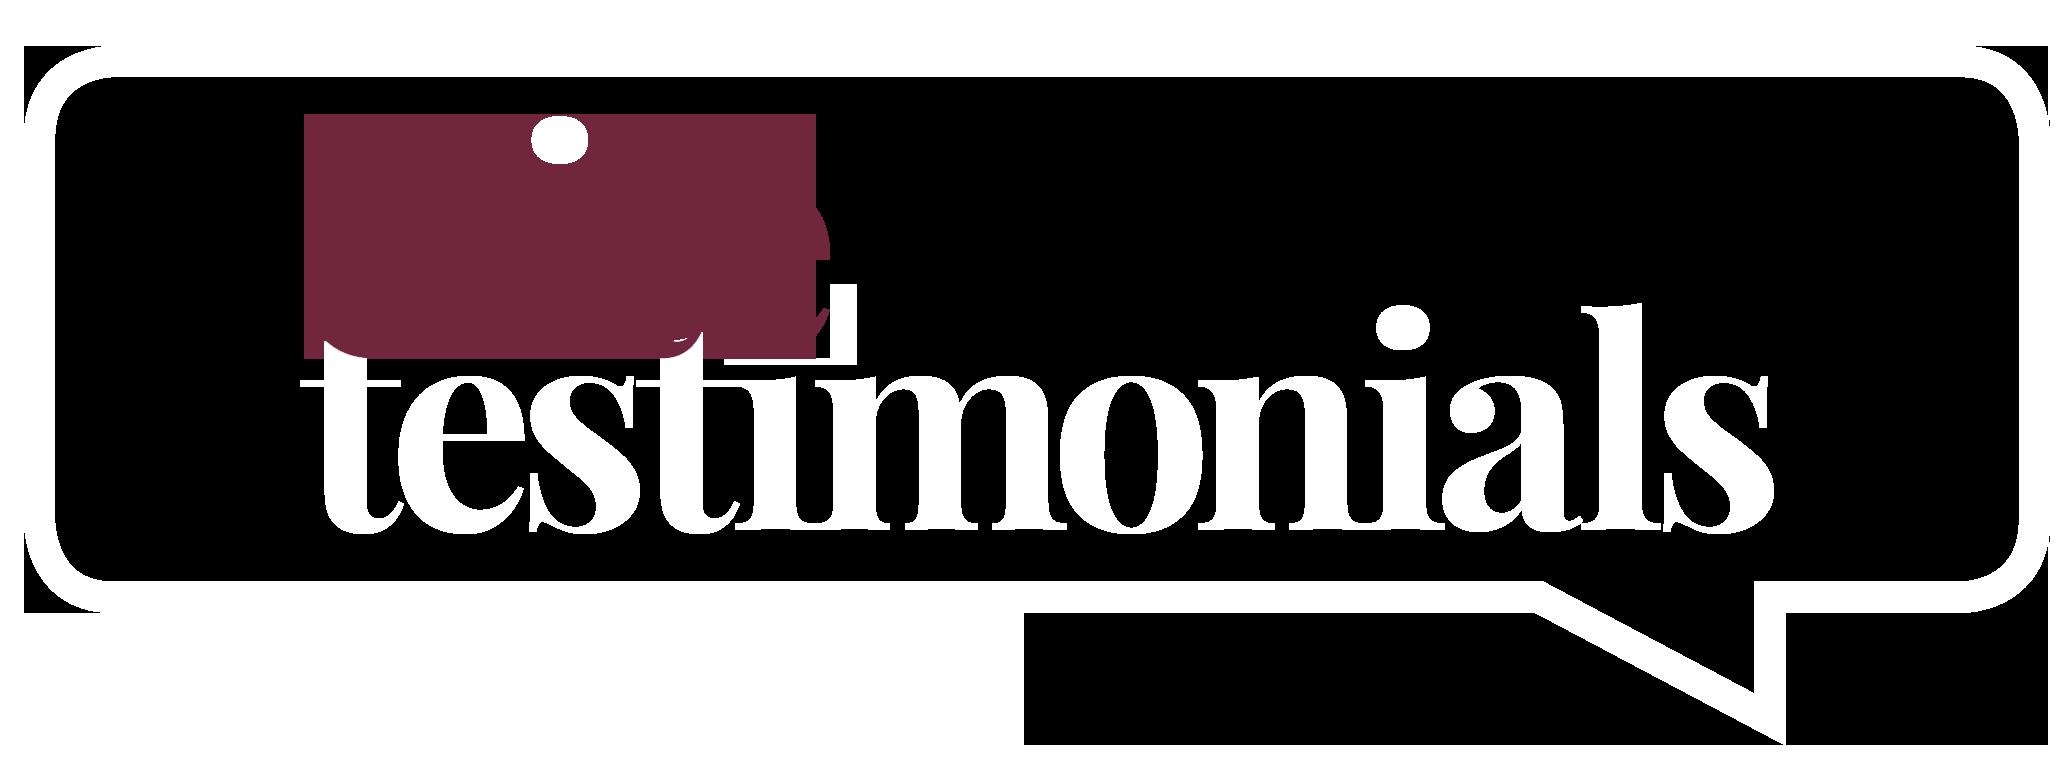 elite testimonials